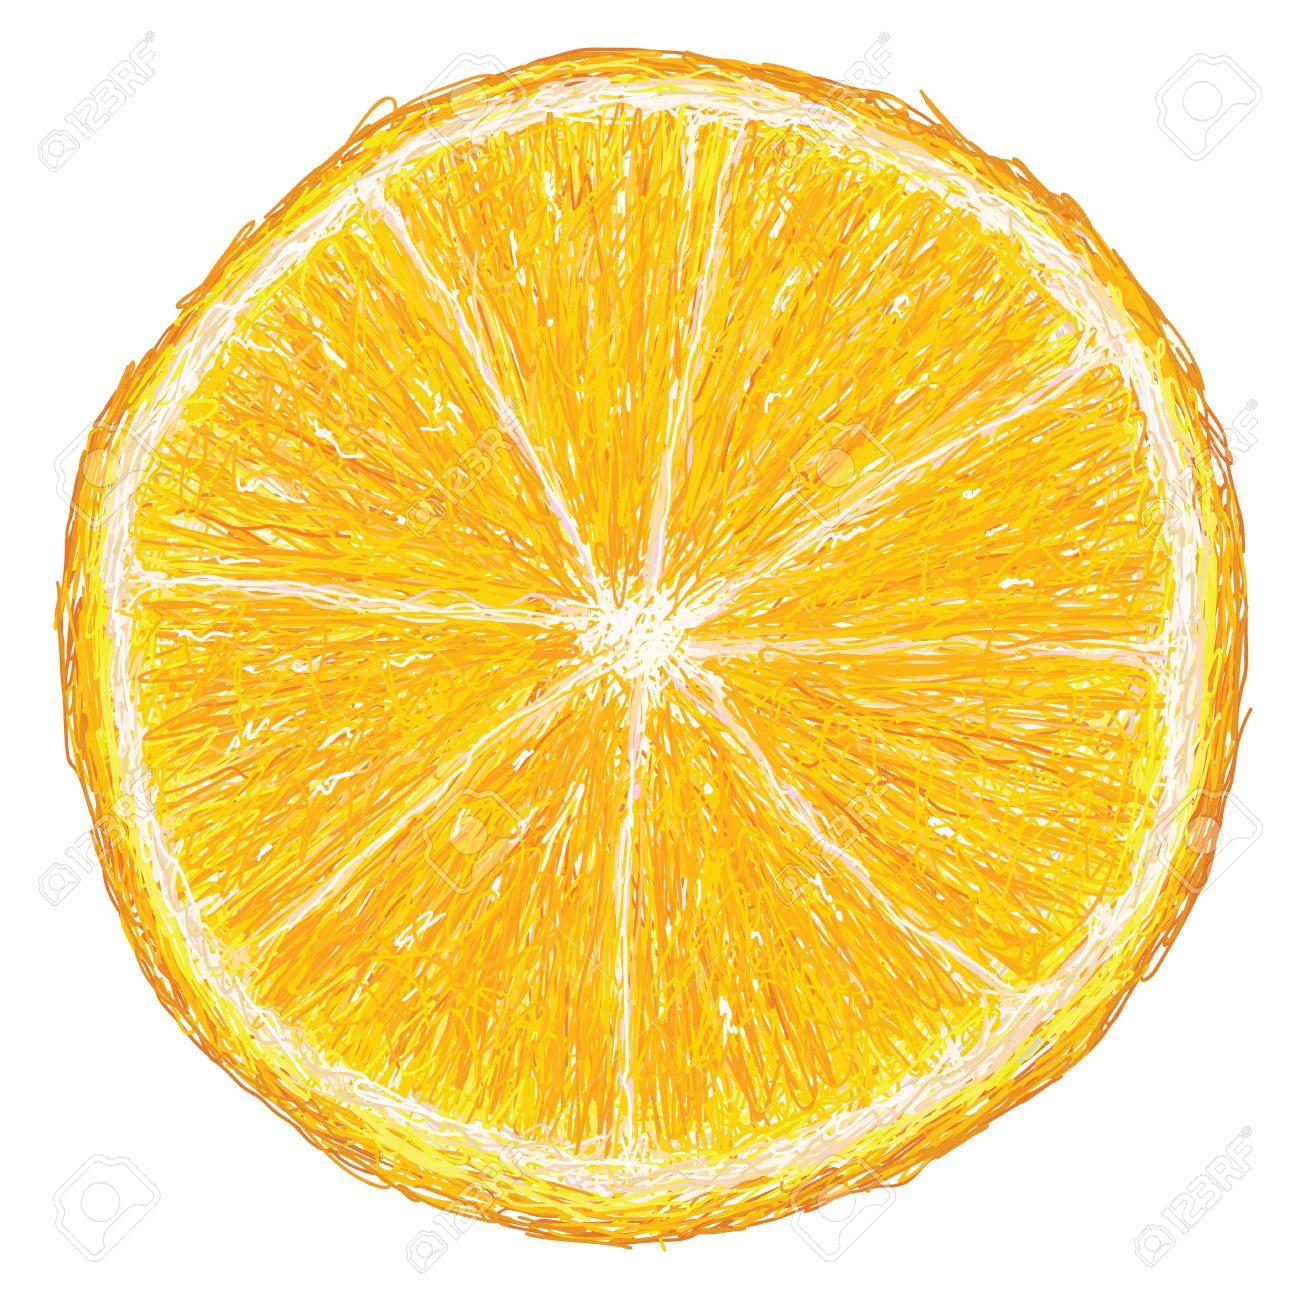 オレンジ色の果物のユニークなスタイルの図断面図白い背景で隔離の